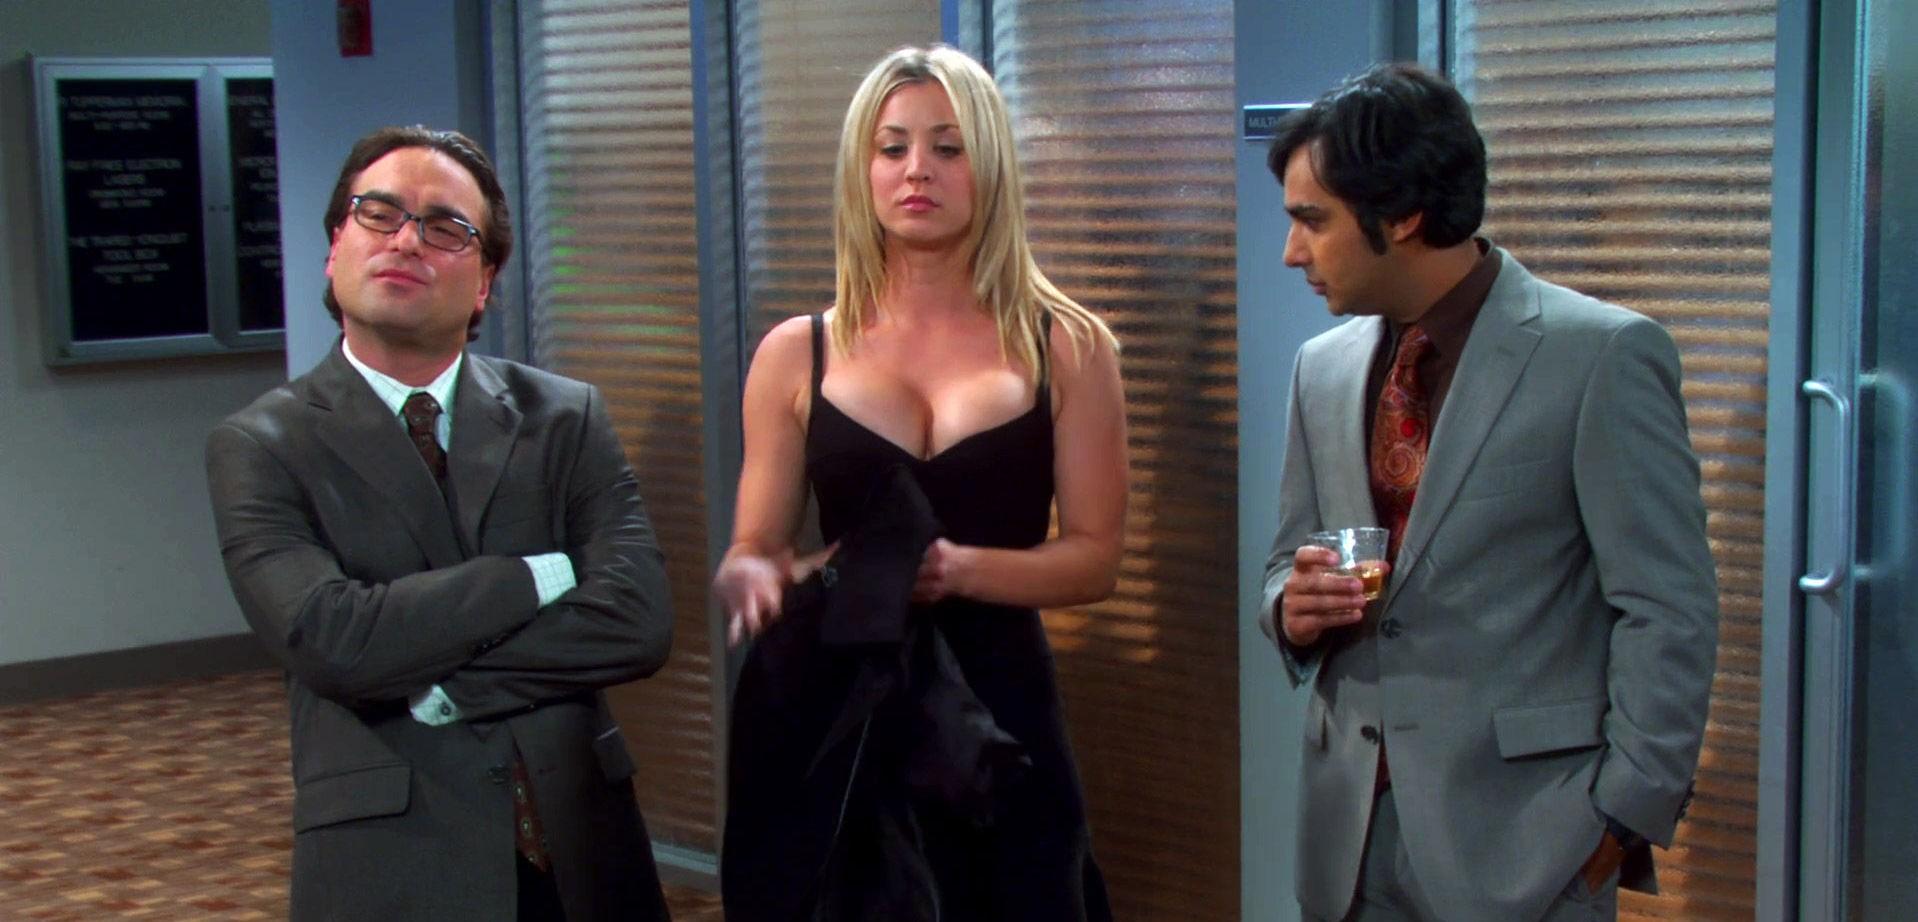 NERDENES SEXSYMBOL: «Big Bang»-stjernen Kaley Cuoco anses som en av verdens mest sexy kvinner. Serien er ikke fremmed for å spille Kaleys fordeler ...